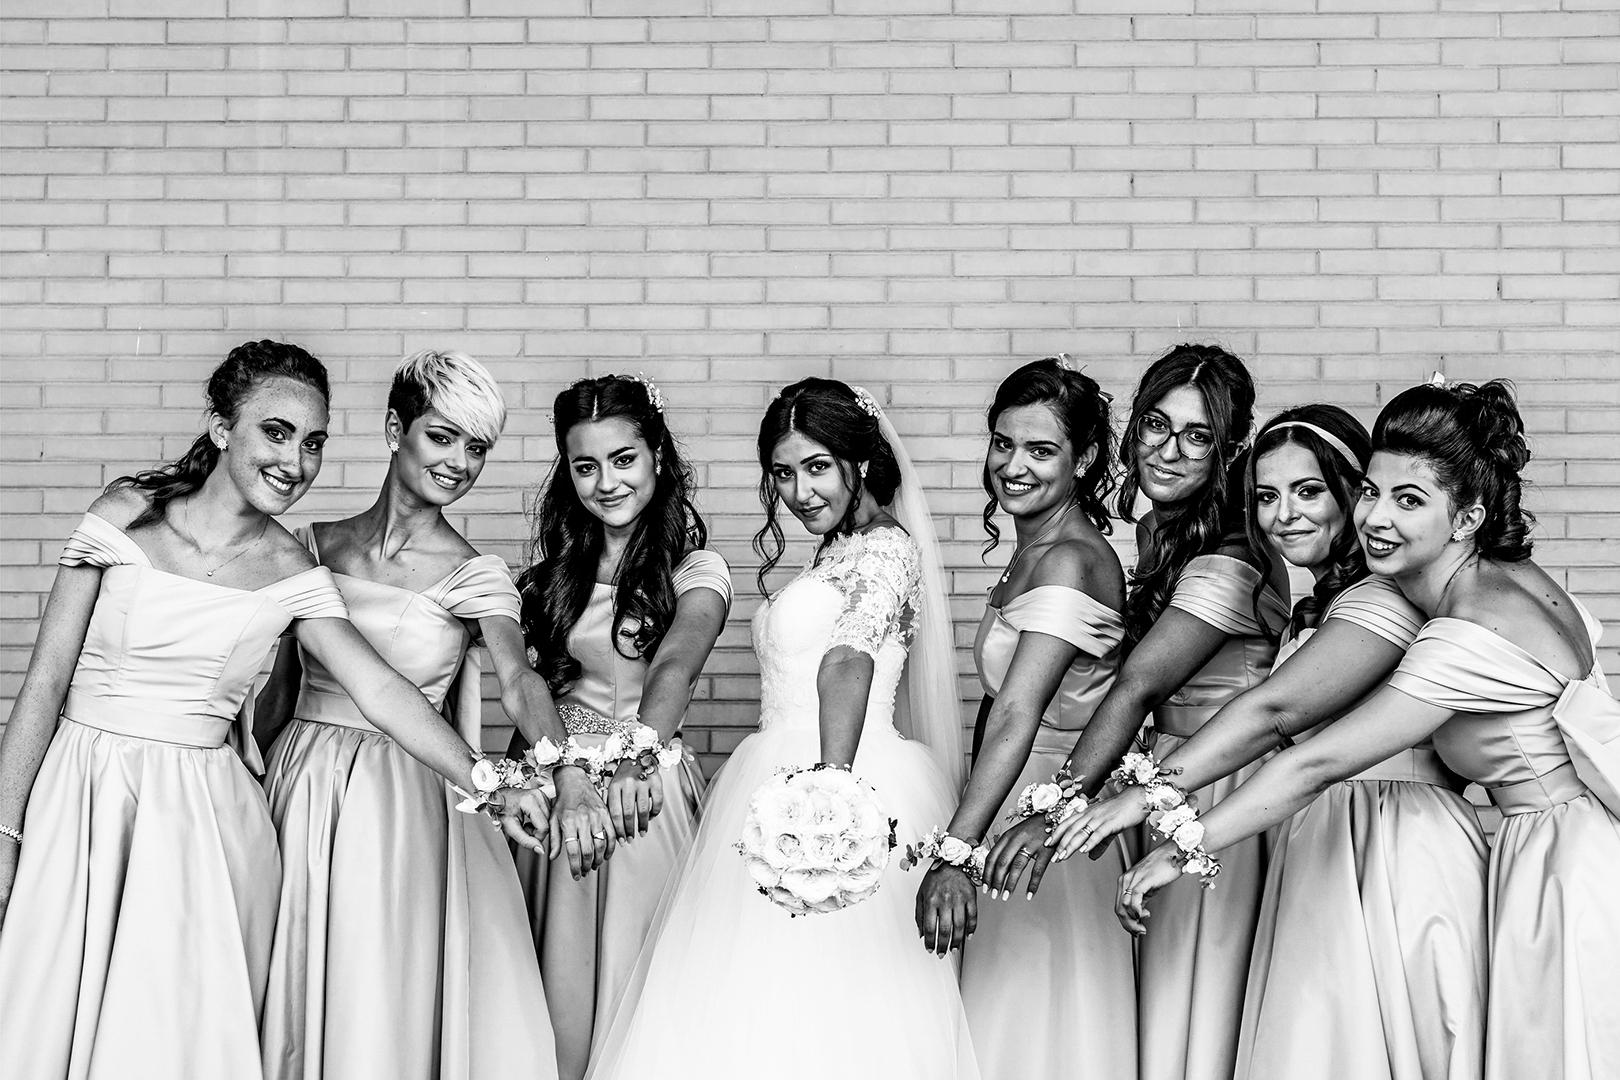 24 gianni-lepore-damigelle-sposa-foto